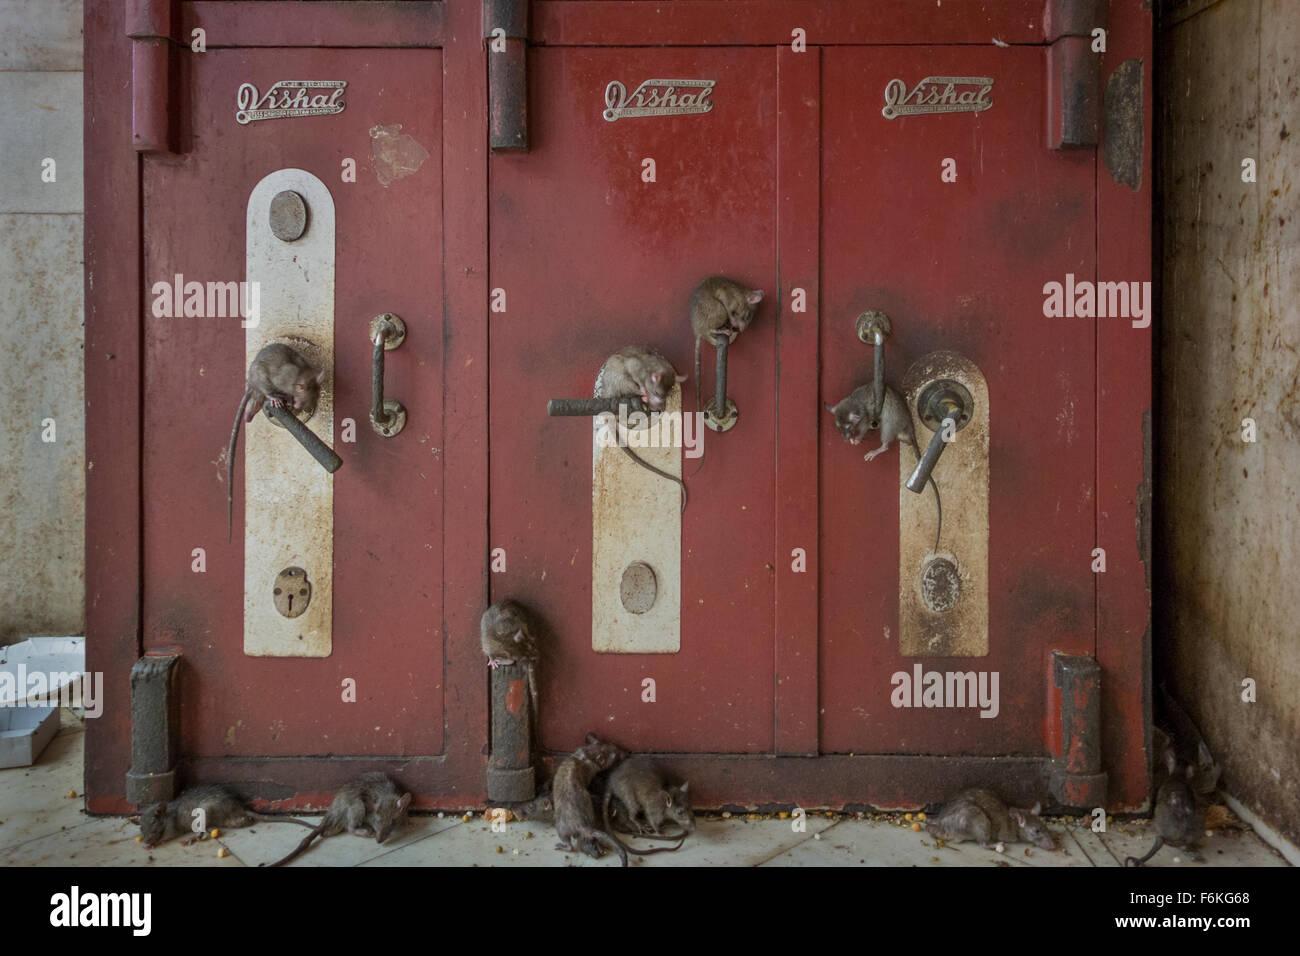 Viele, viele Ratten decken alle Oberflächen im Karni Mata Tempel in Deshnok, Indien. Stockbild